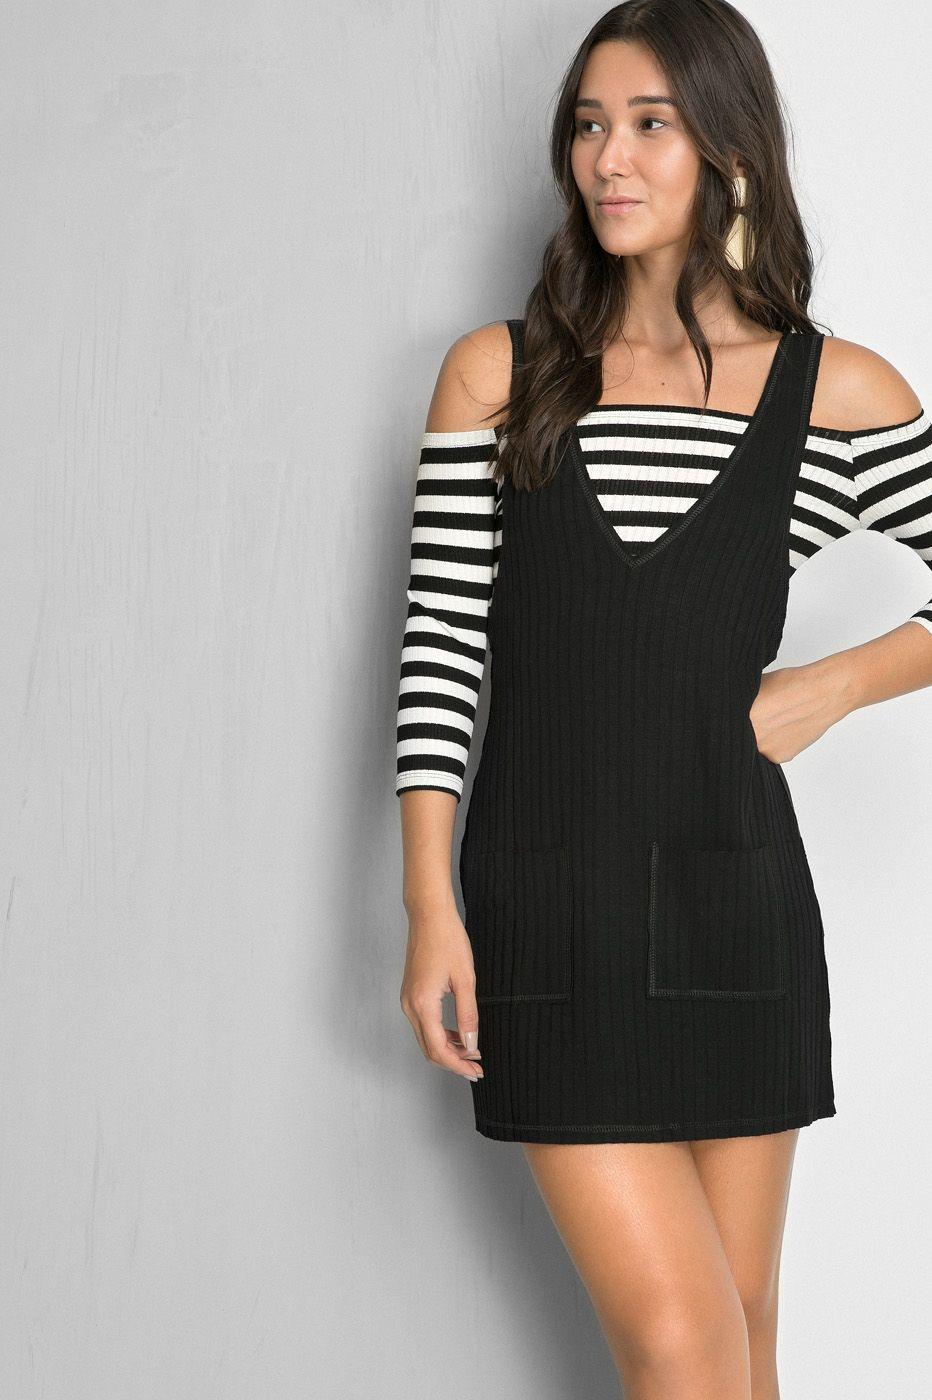 70ec31c84b0e Dress to Vestido salopete top listrado - Vestidos - Shop | Women's ...